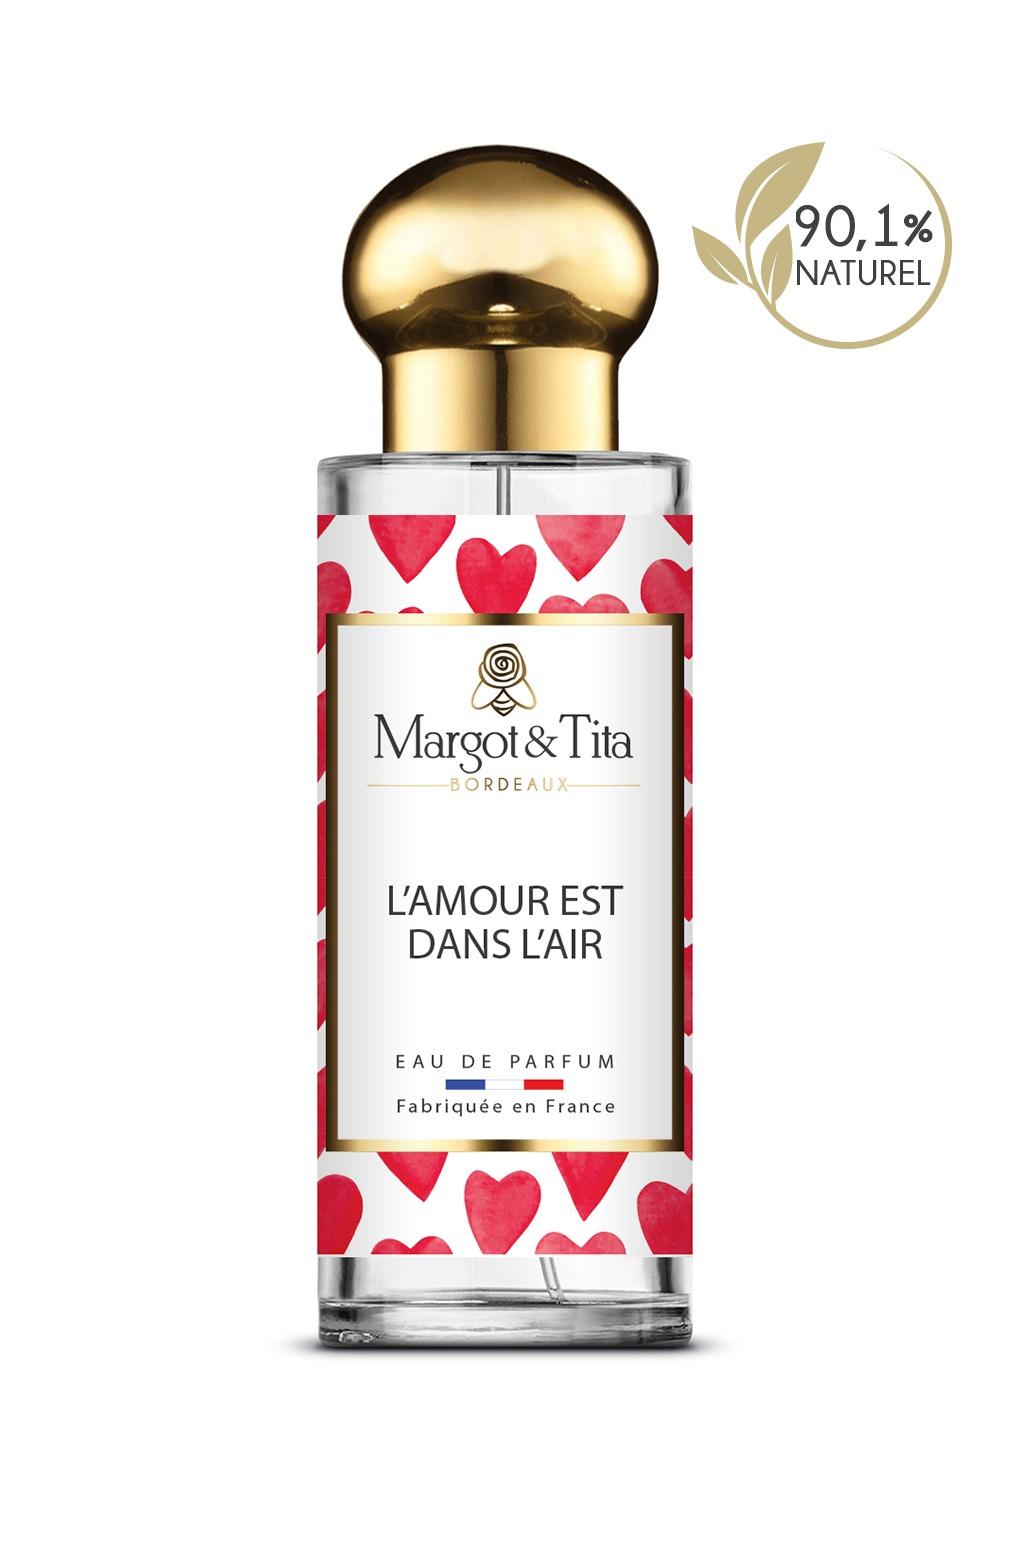 De L Amour Dans L Air : amour, L'AMOUR, L'AIR, NATURAL, PERFUME, Margot&Tita